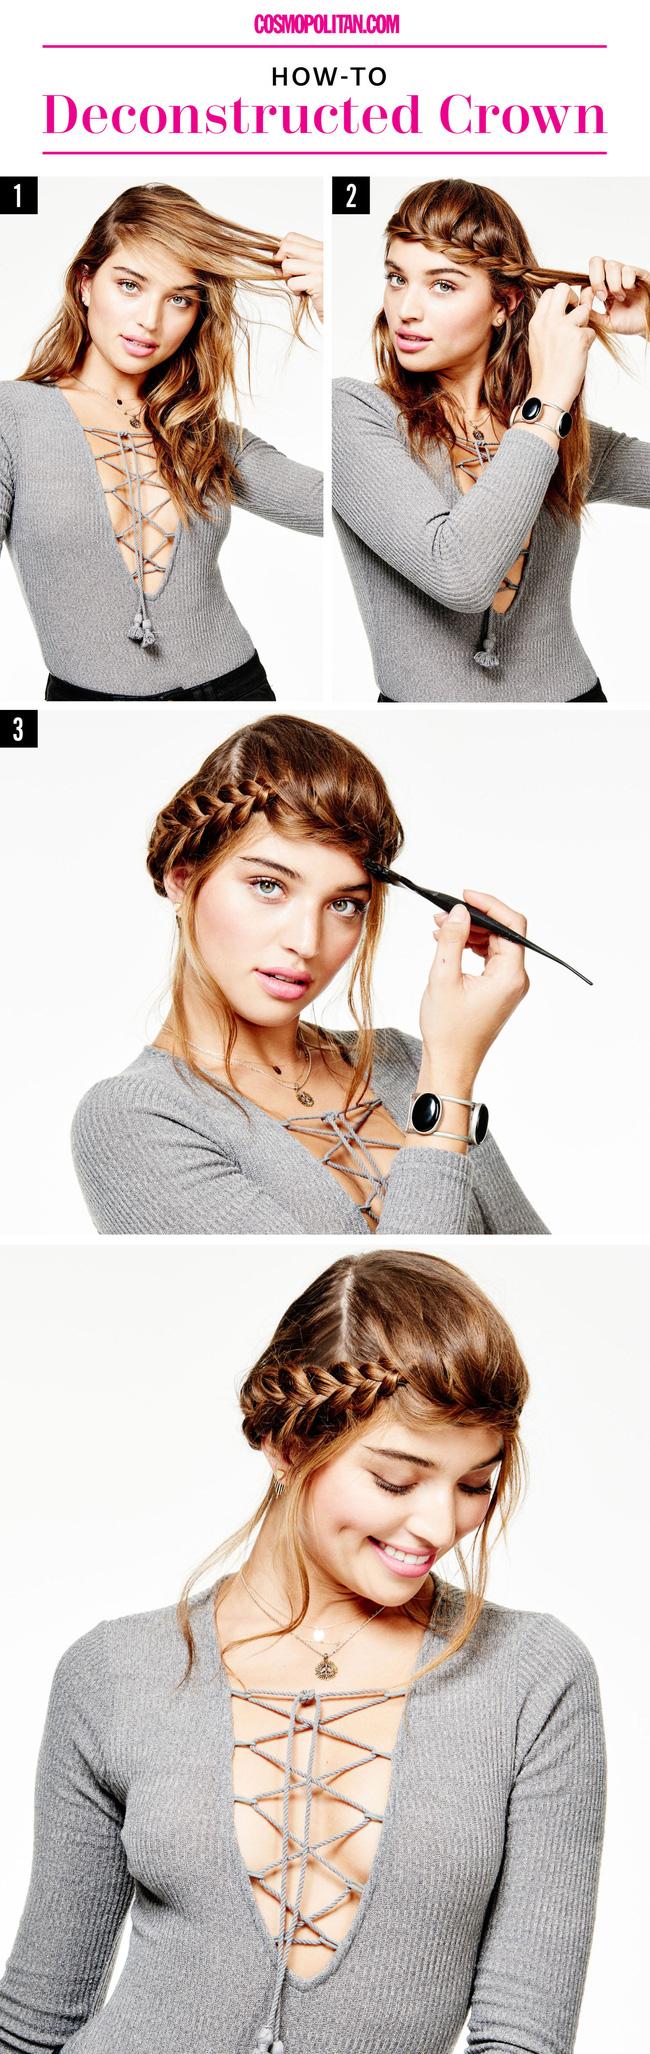 3 cách tết tóc cực đẹp mê li chỉ tốn 15 phút ngay tại nhà phần 2